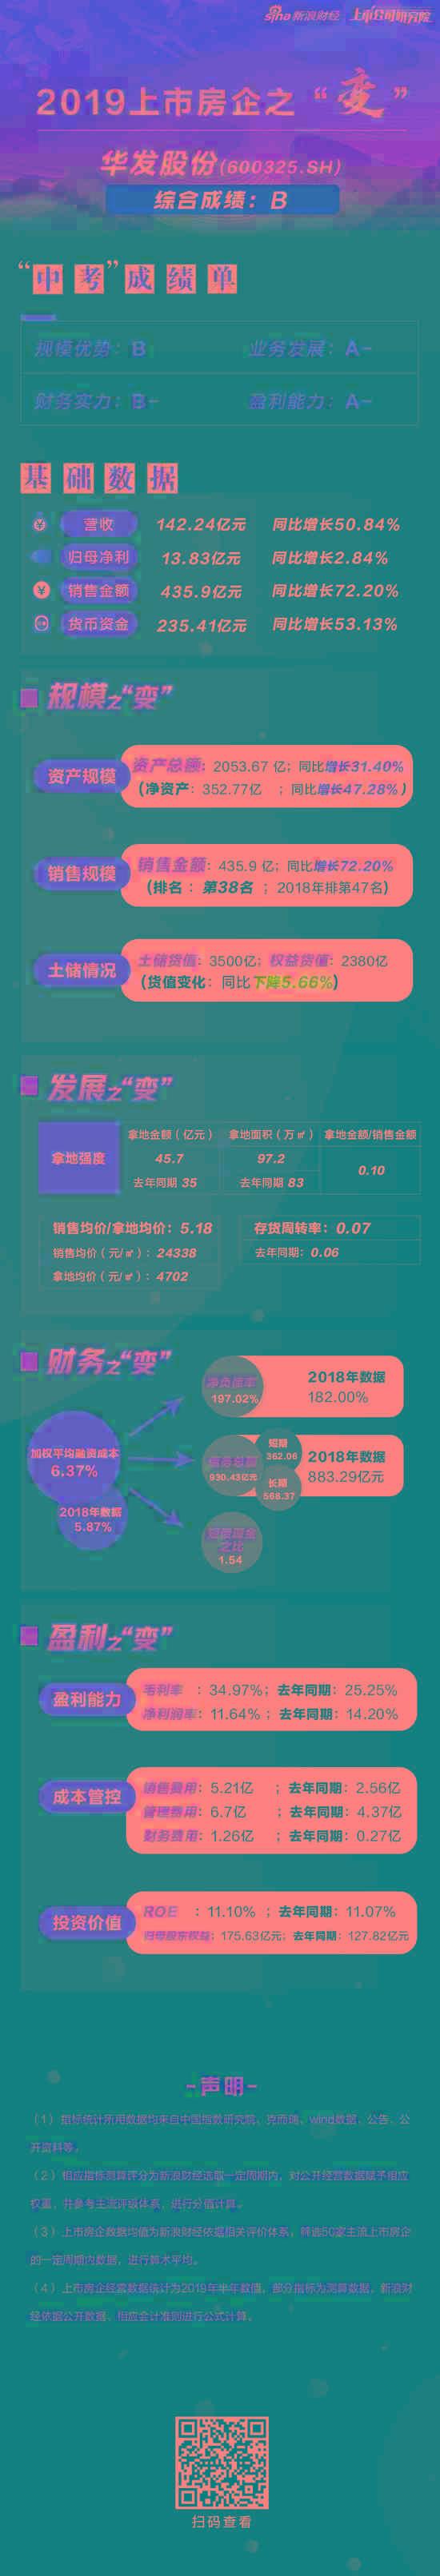 [房企图鉴]华发股份:净负债率居高不下 财务费用大增